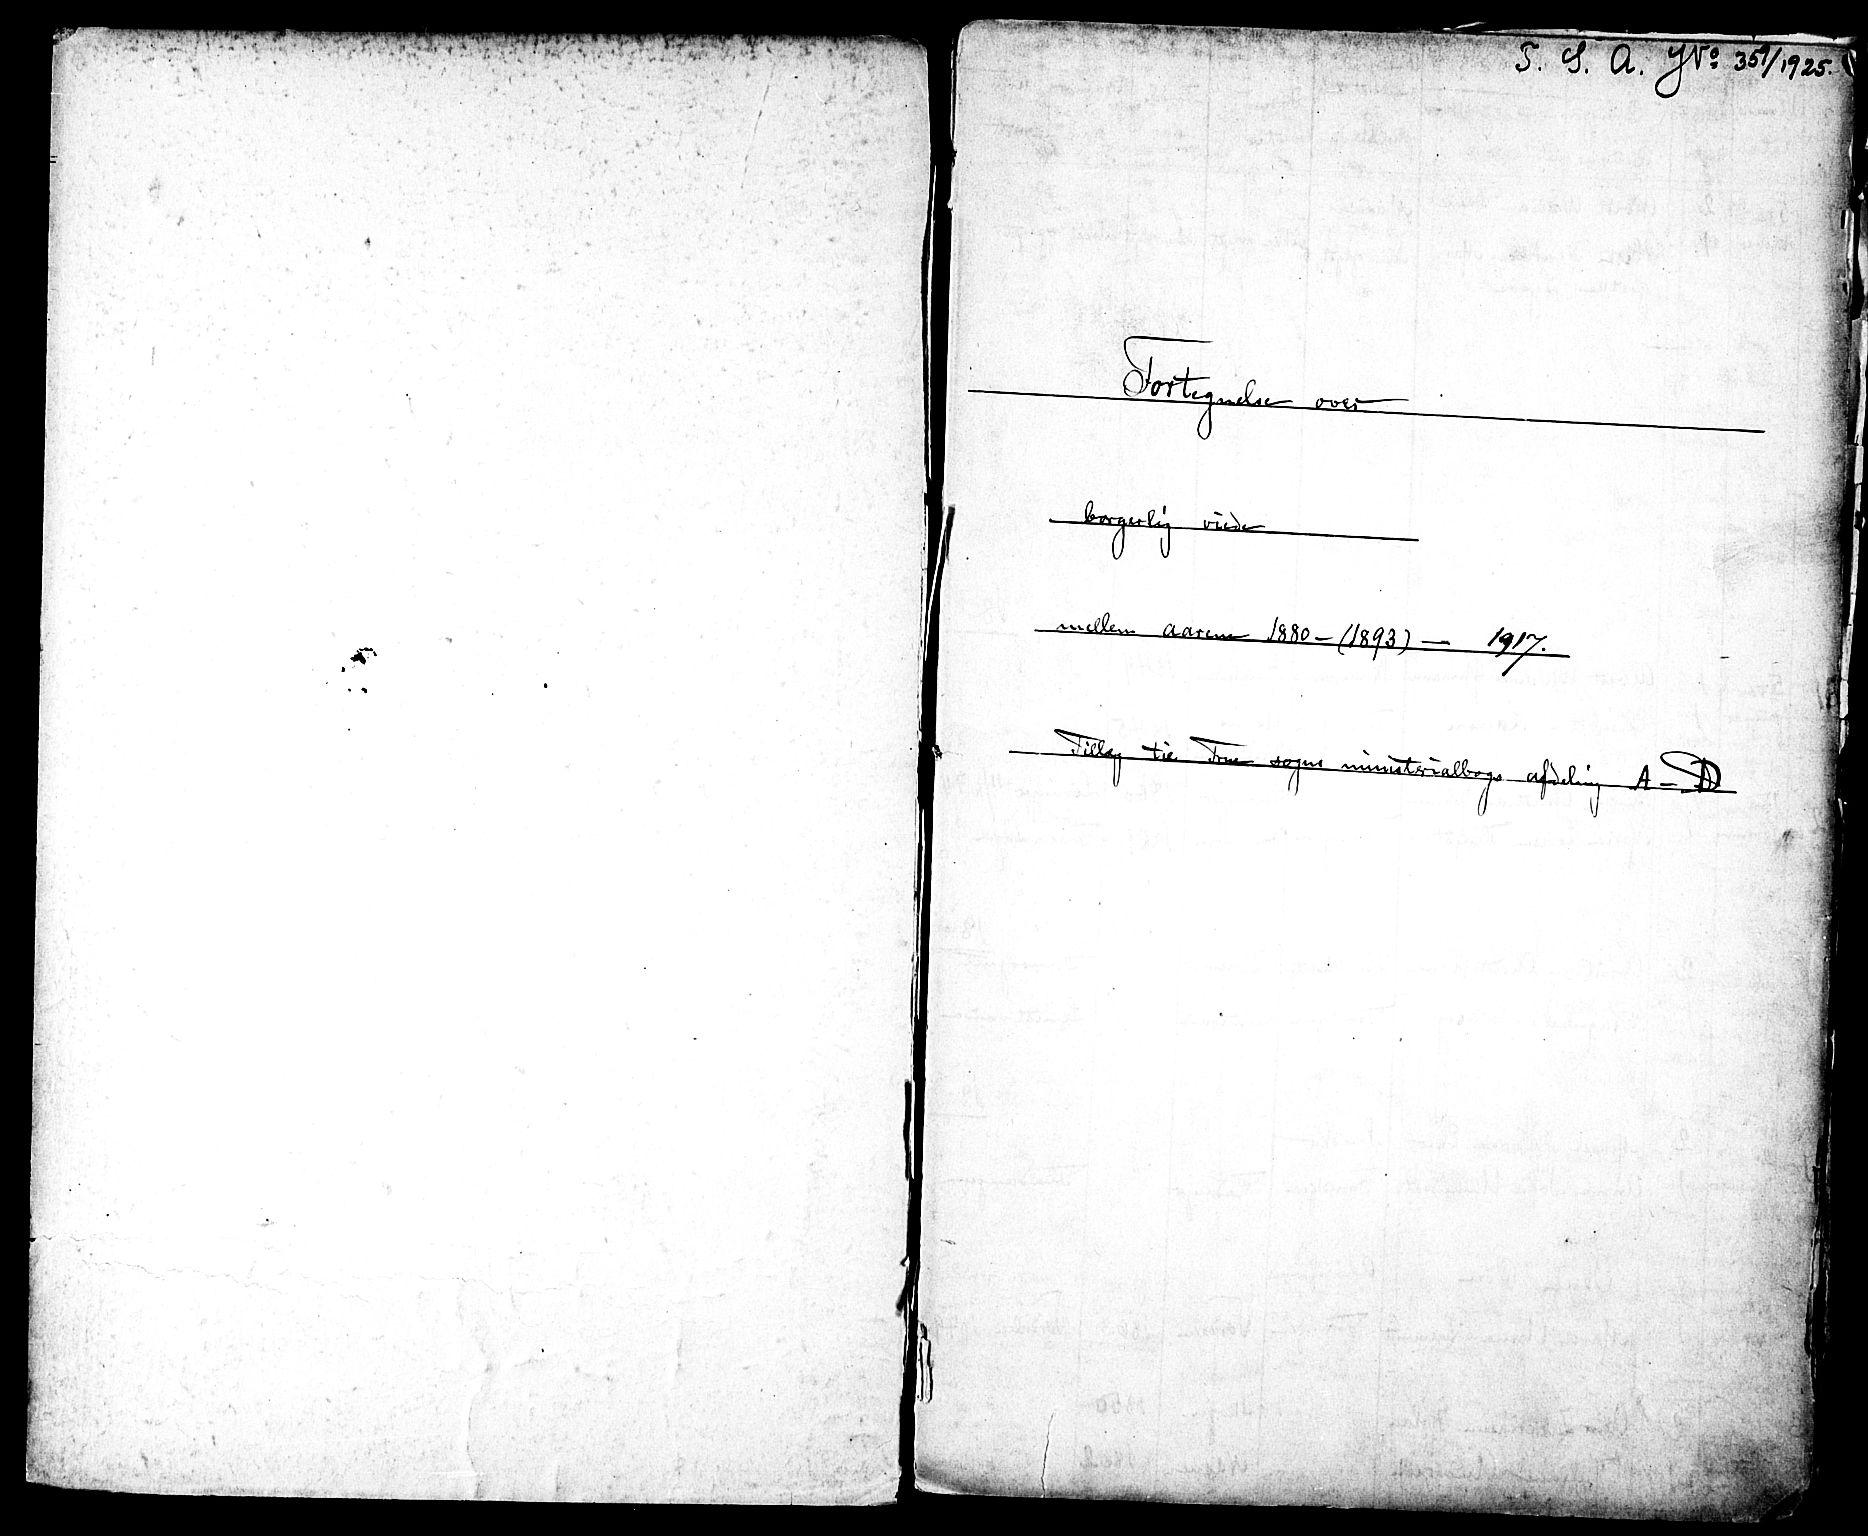 SAT, Ministerialprotokoller, klokkerbøker og fødselsregistre - Sør-Trøndelag, 602/L0117: Ministerialbok nr. 602A15, 1880-1917